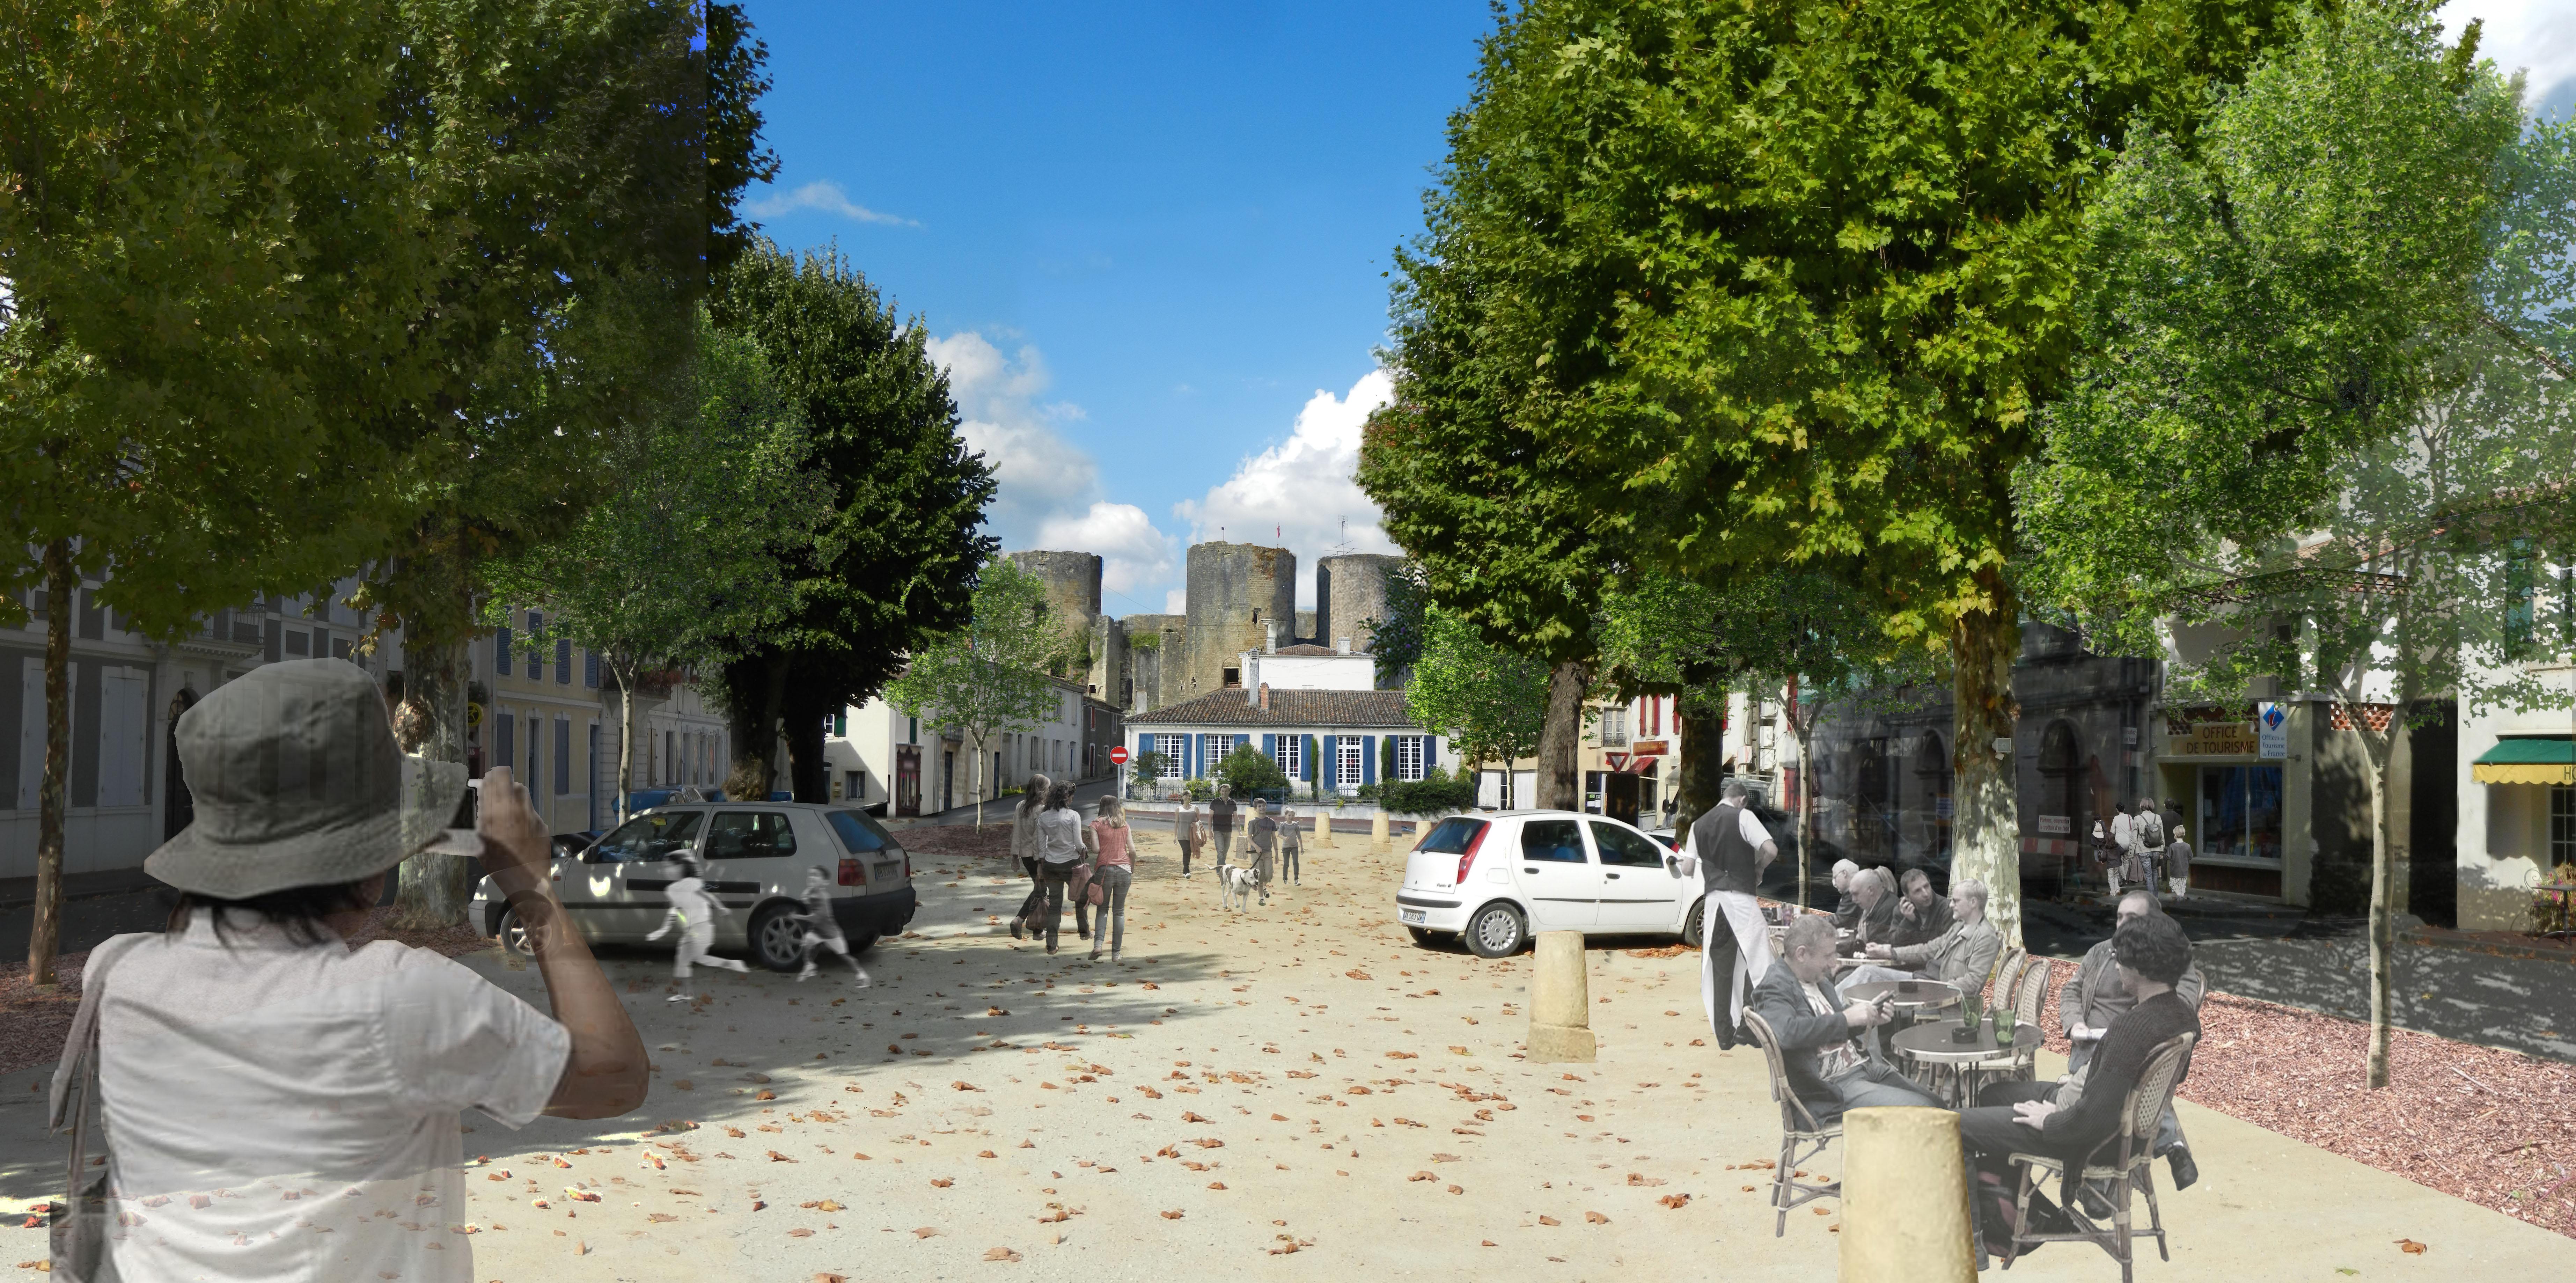 Villandraut - Place Grl de Gaulle